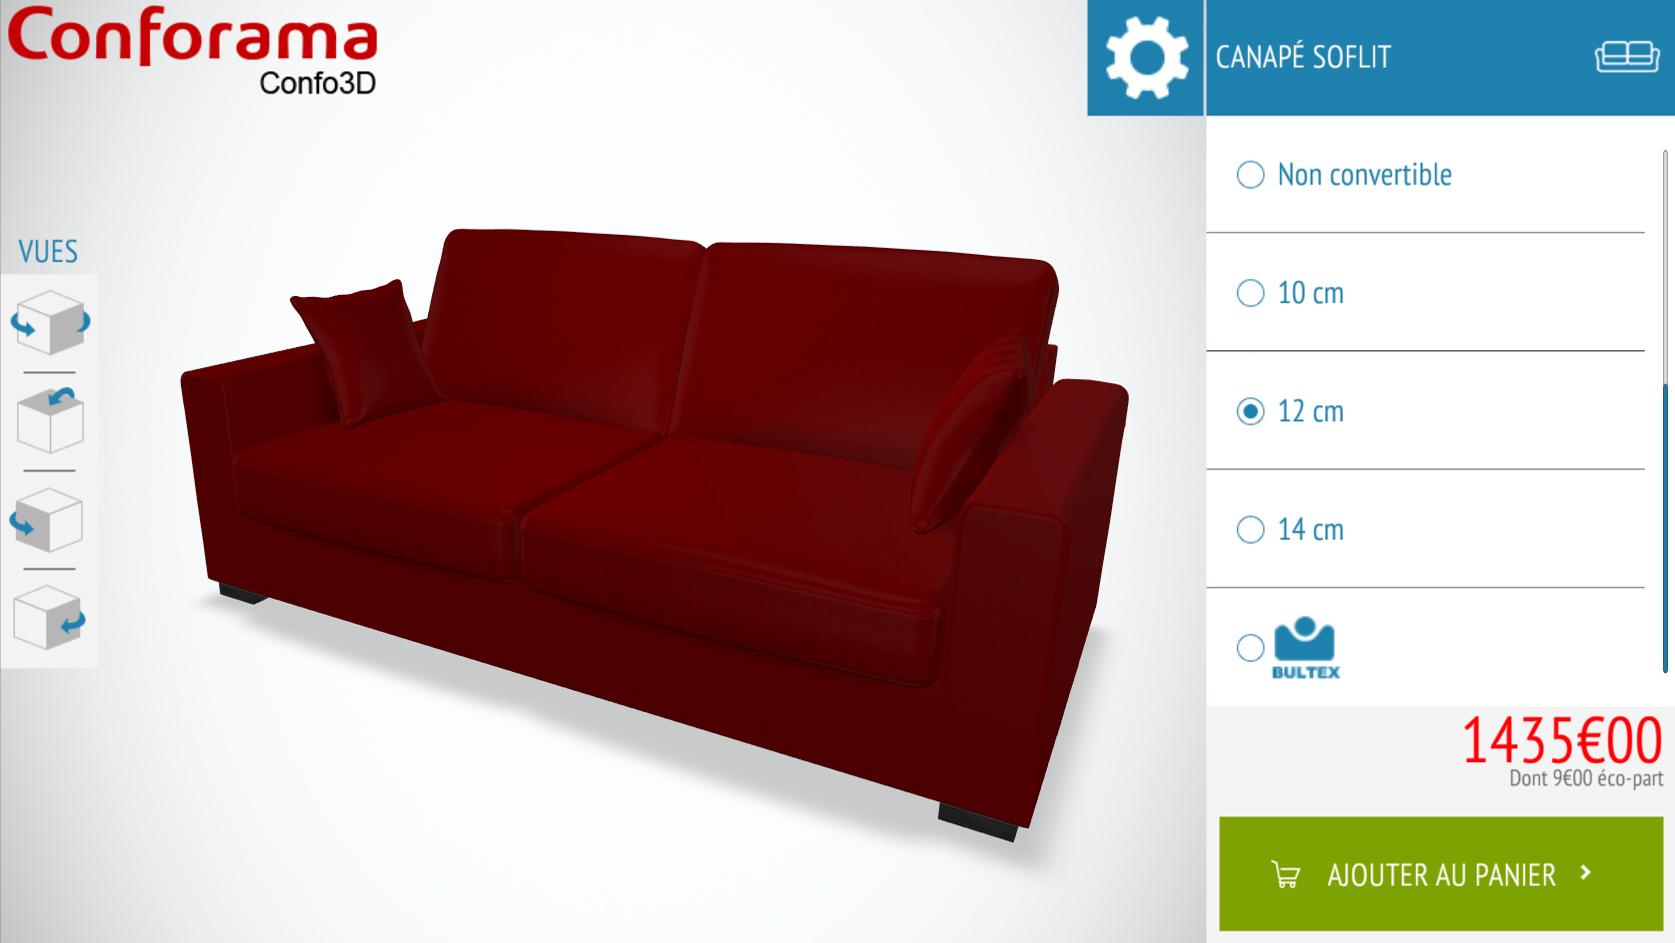 Photo canapé conforama Confo3D